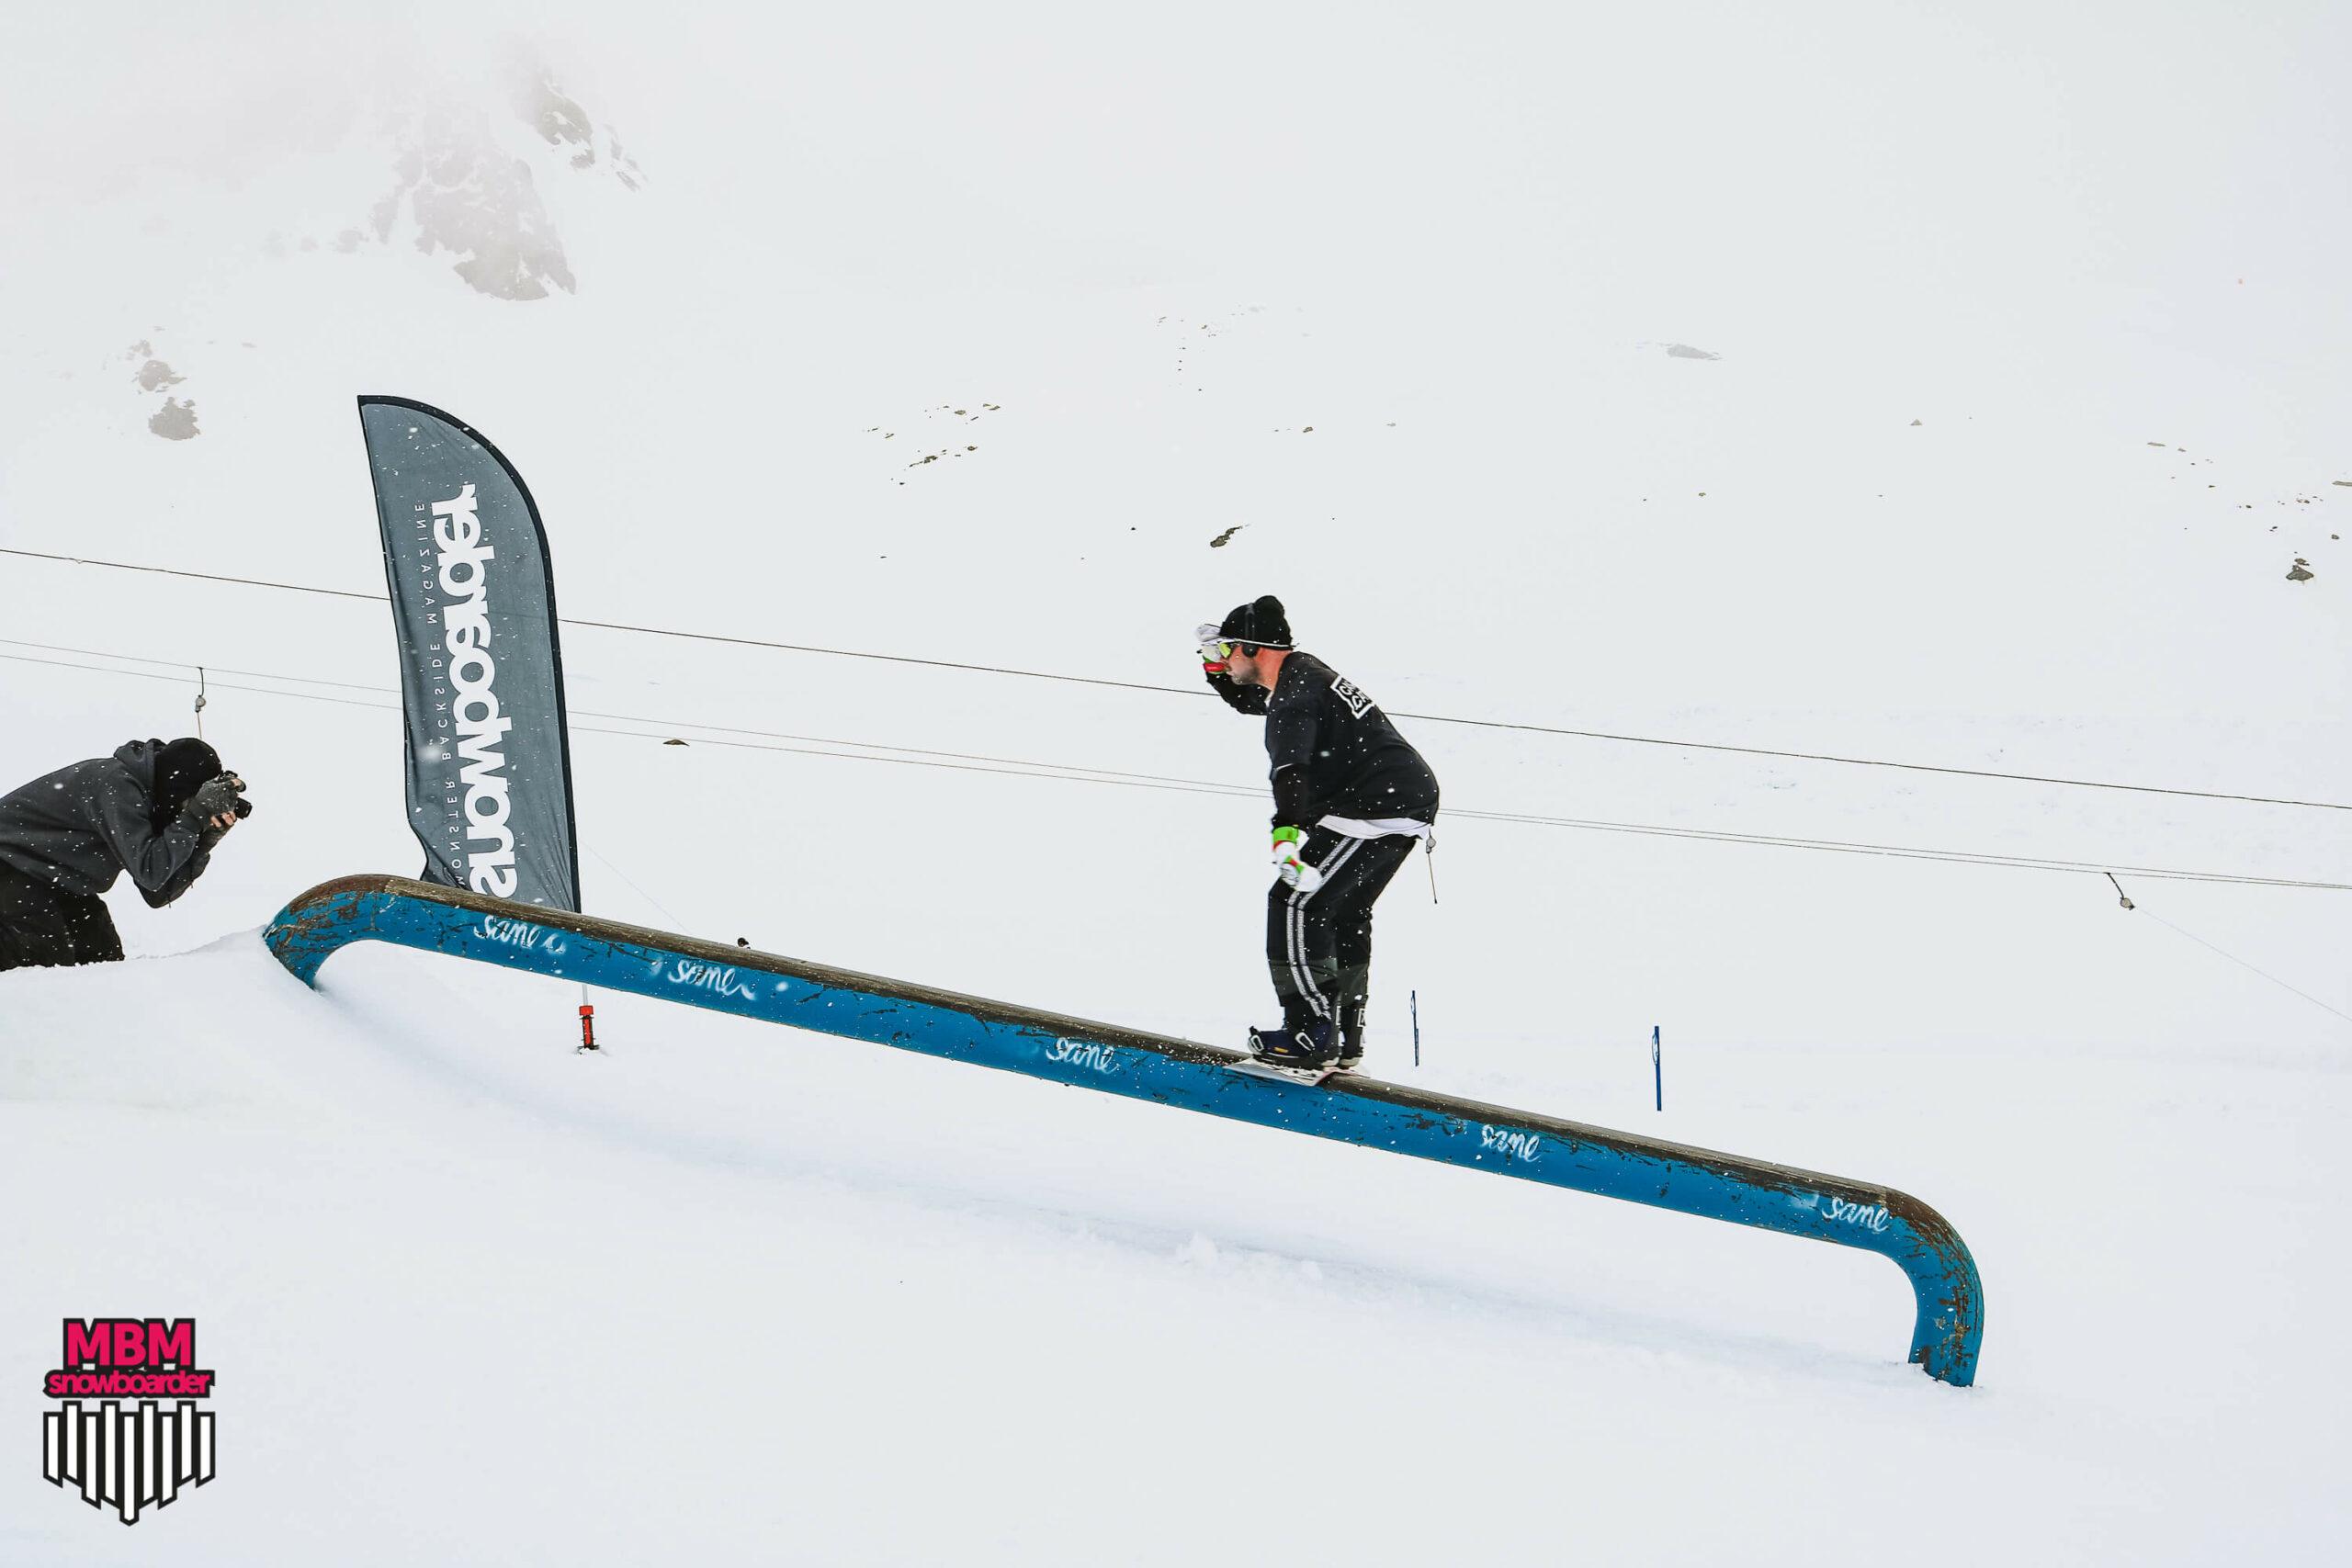 snowboarderMBM_sd_kaunertal_111